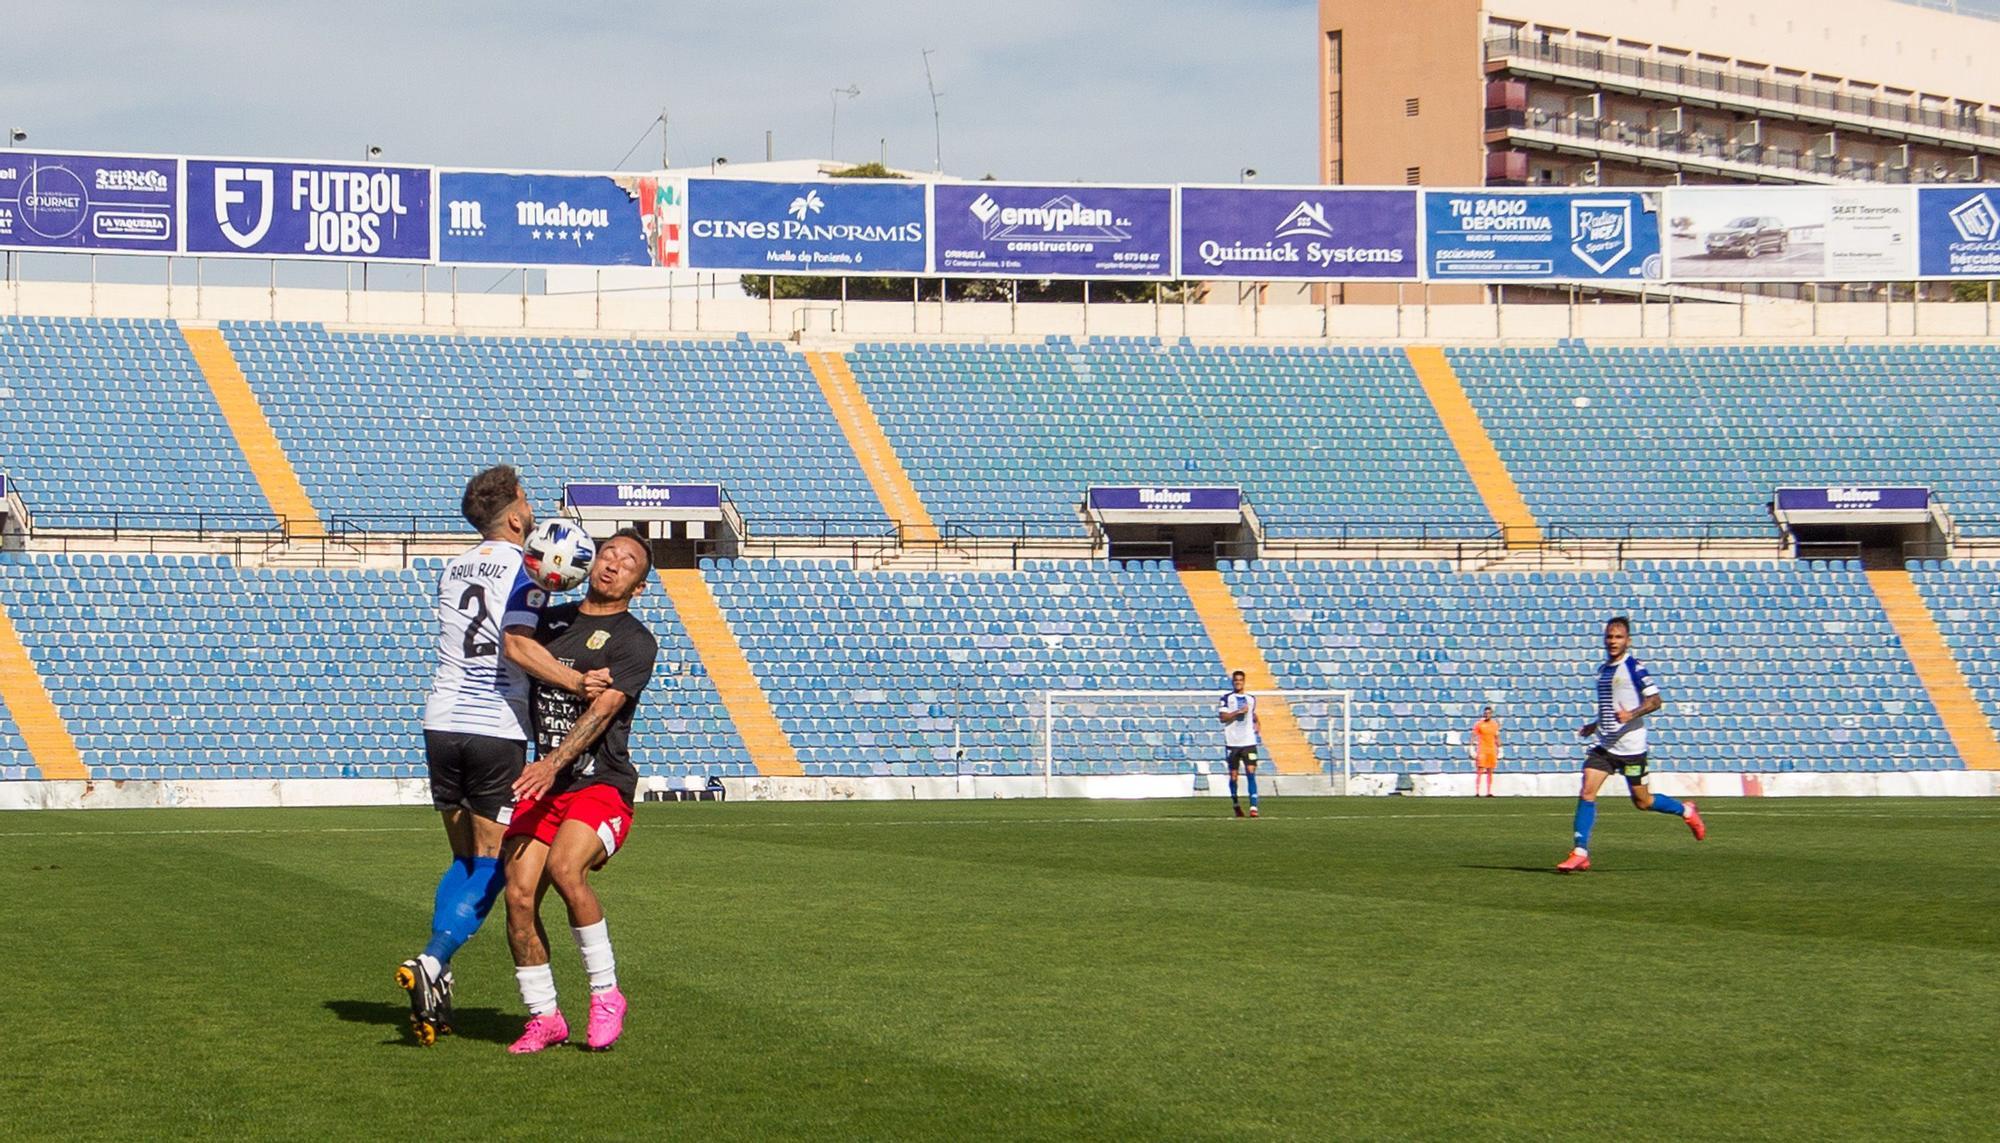 Las imágenes del partido Hércules - Peña Deportiva